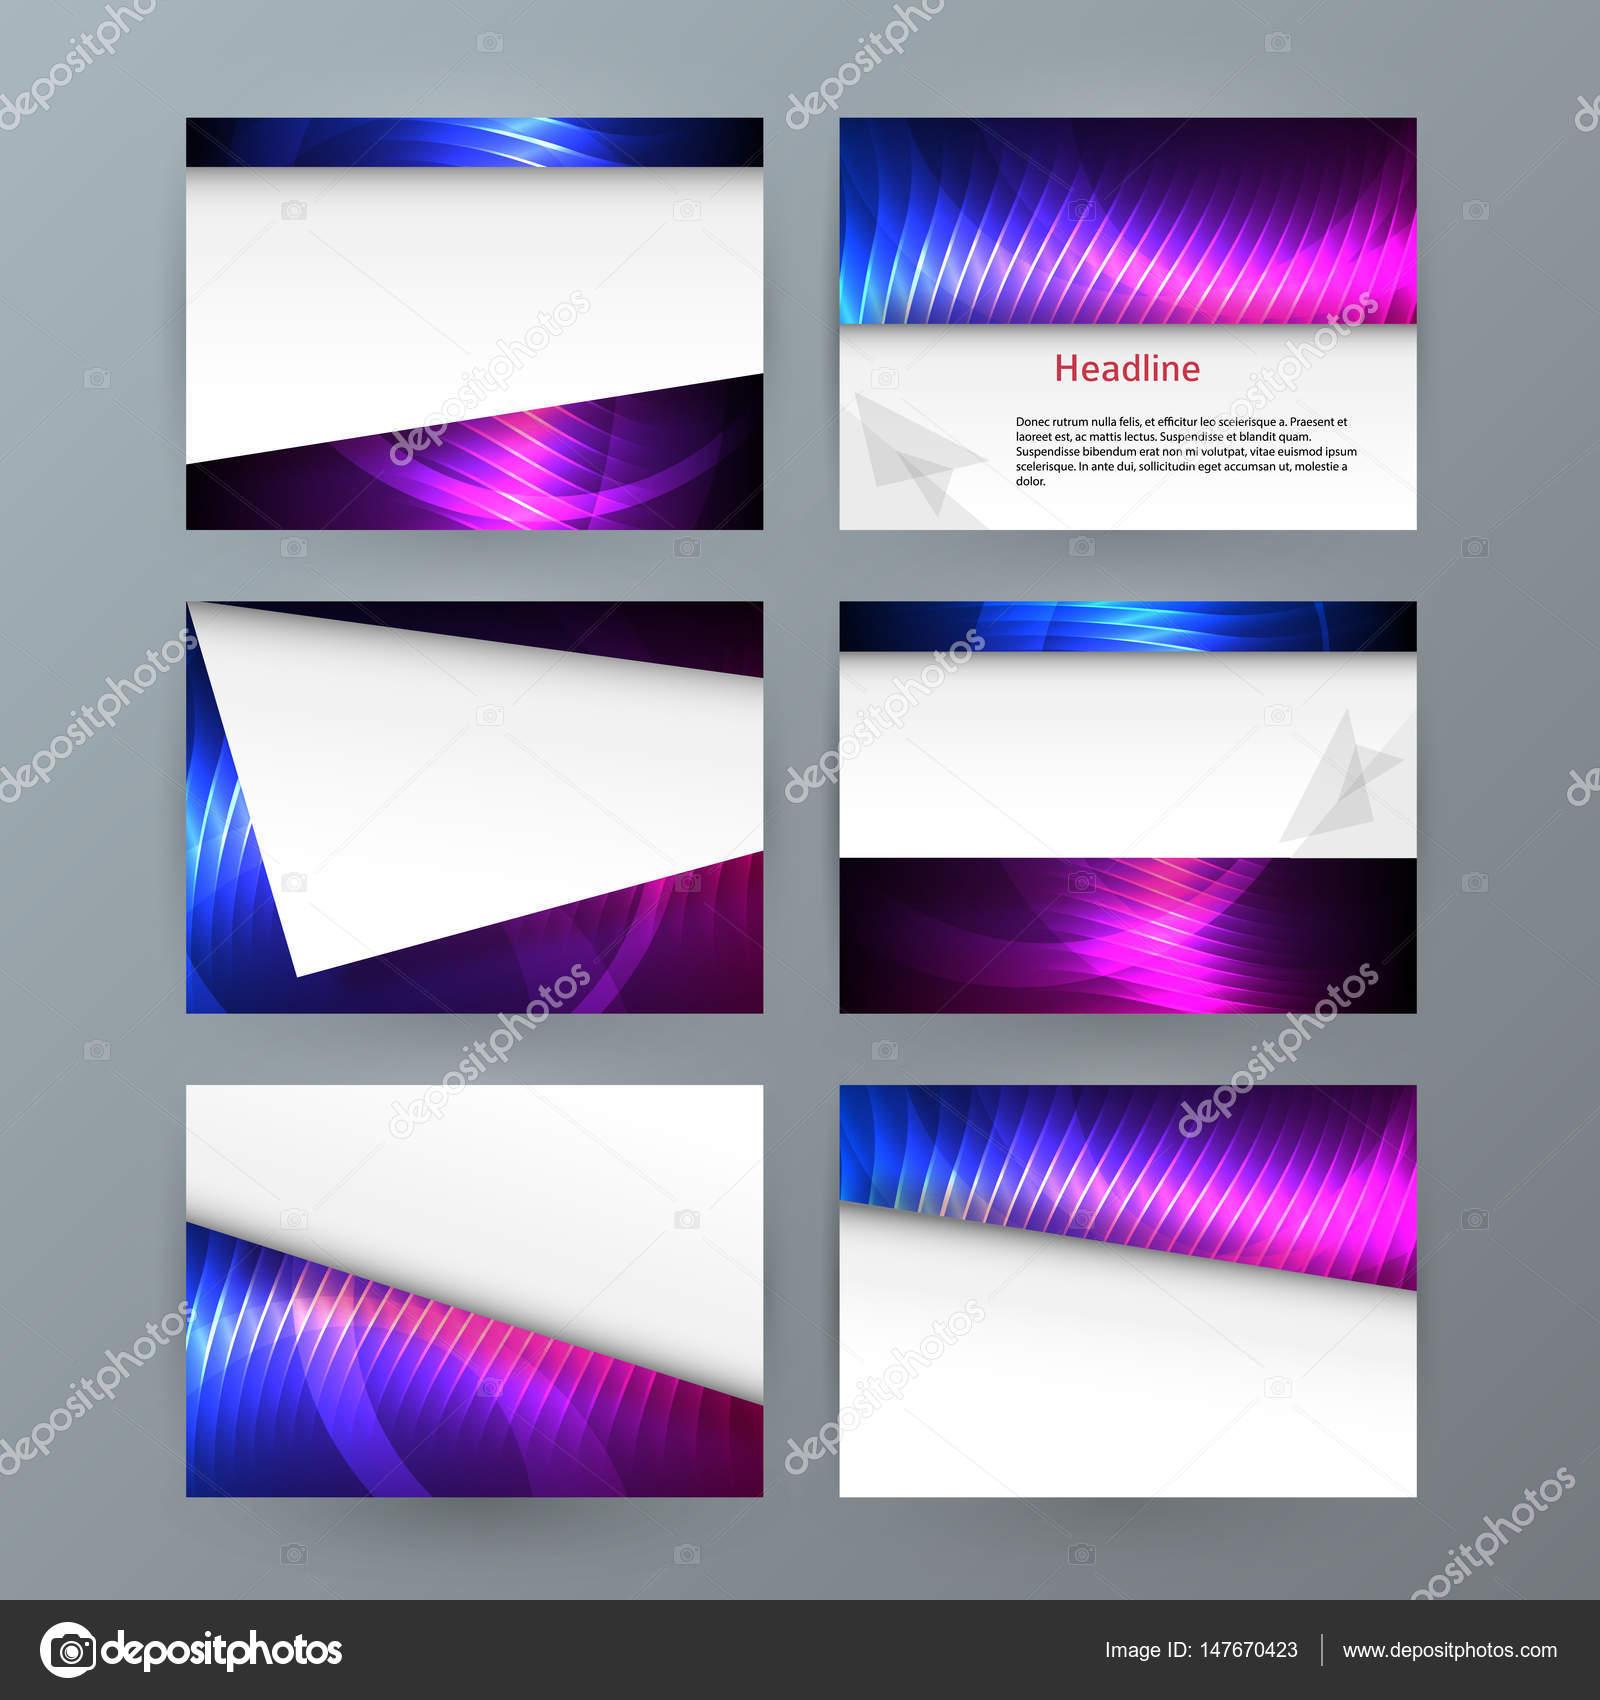 Präsentation-Vorlage Powerpoint Hintergrund Aurora boreal Neon e ...